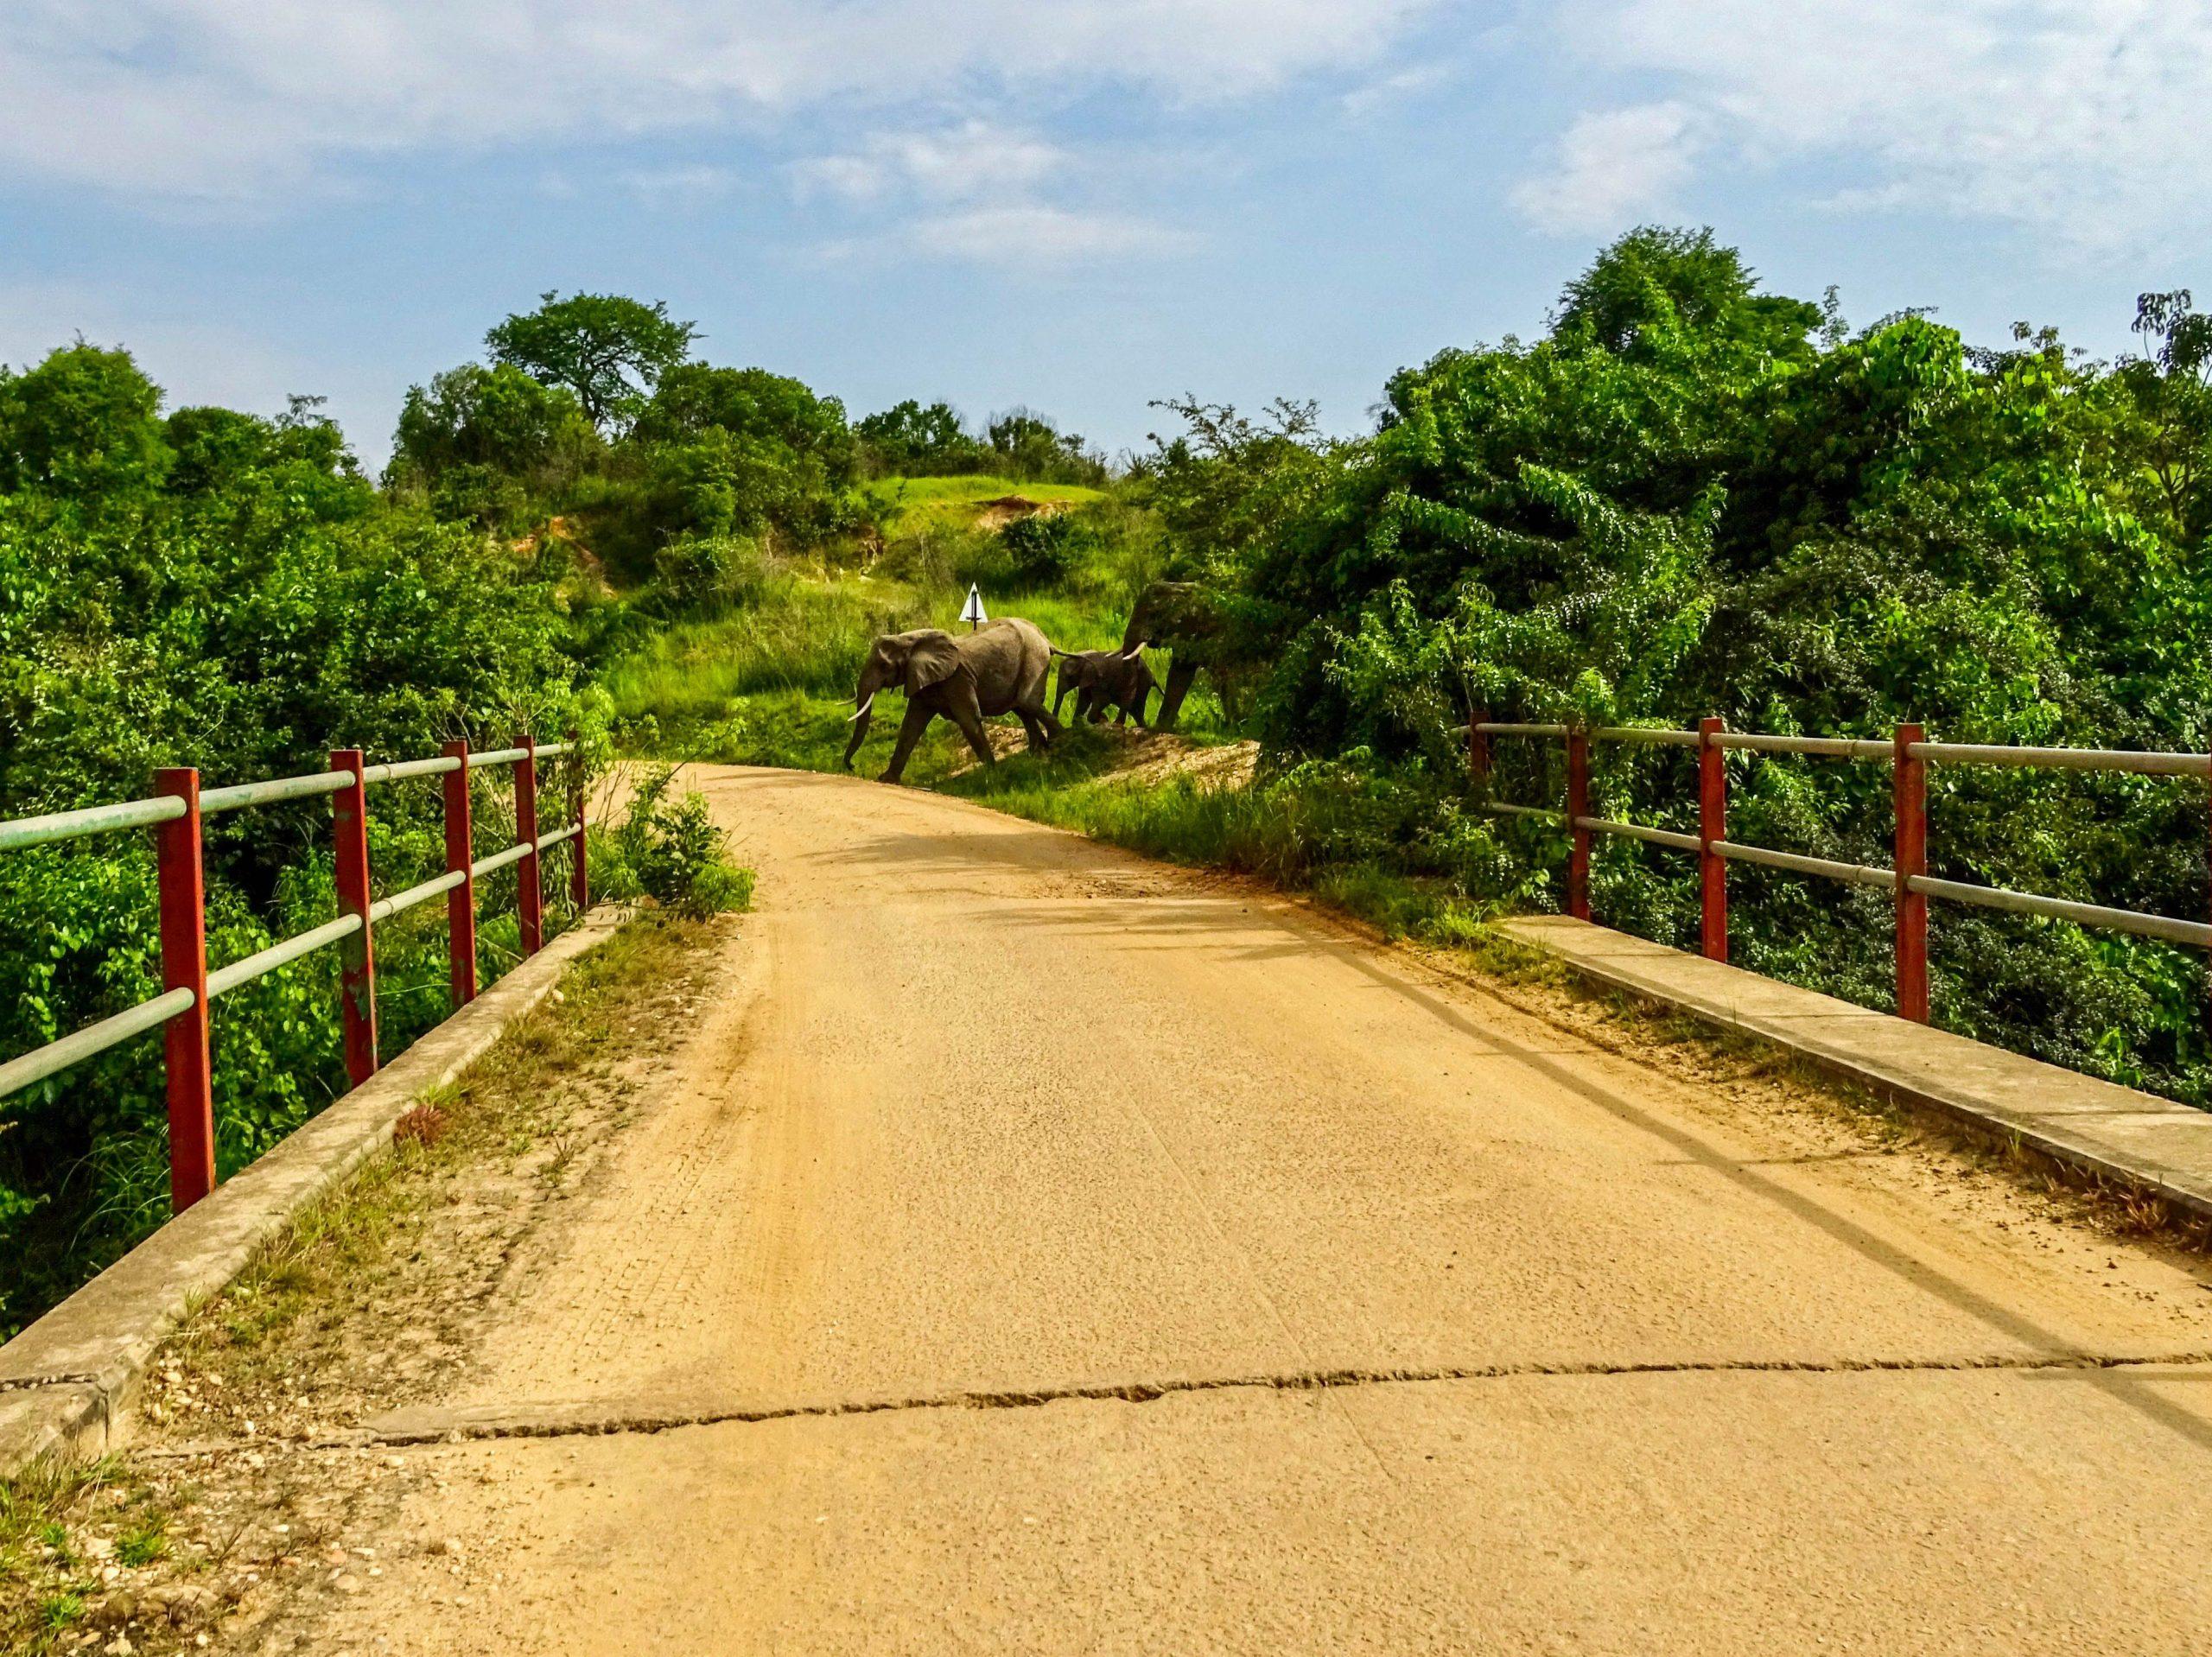 Olifanten passeren de weg in Murchison Falls